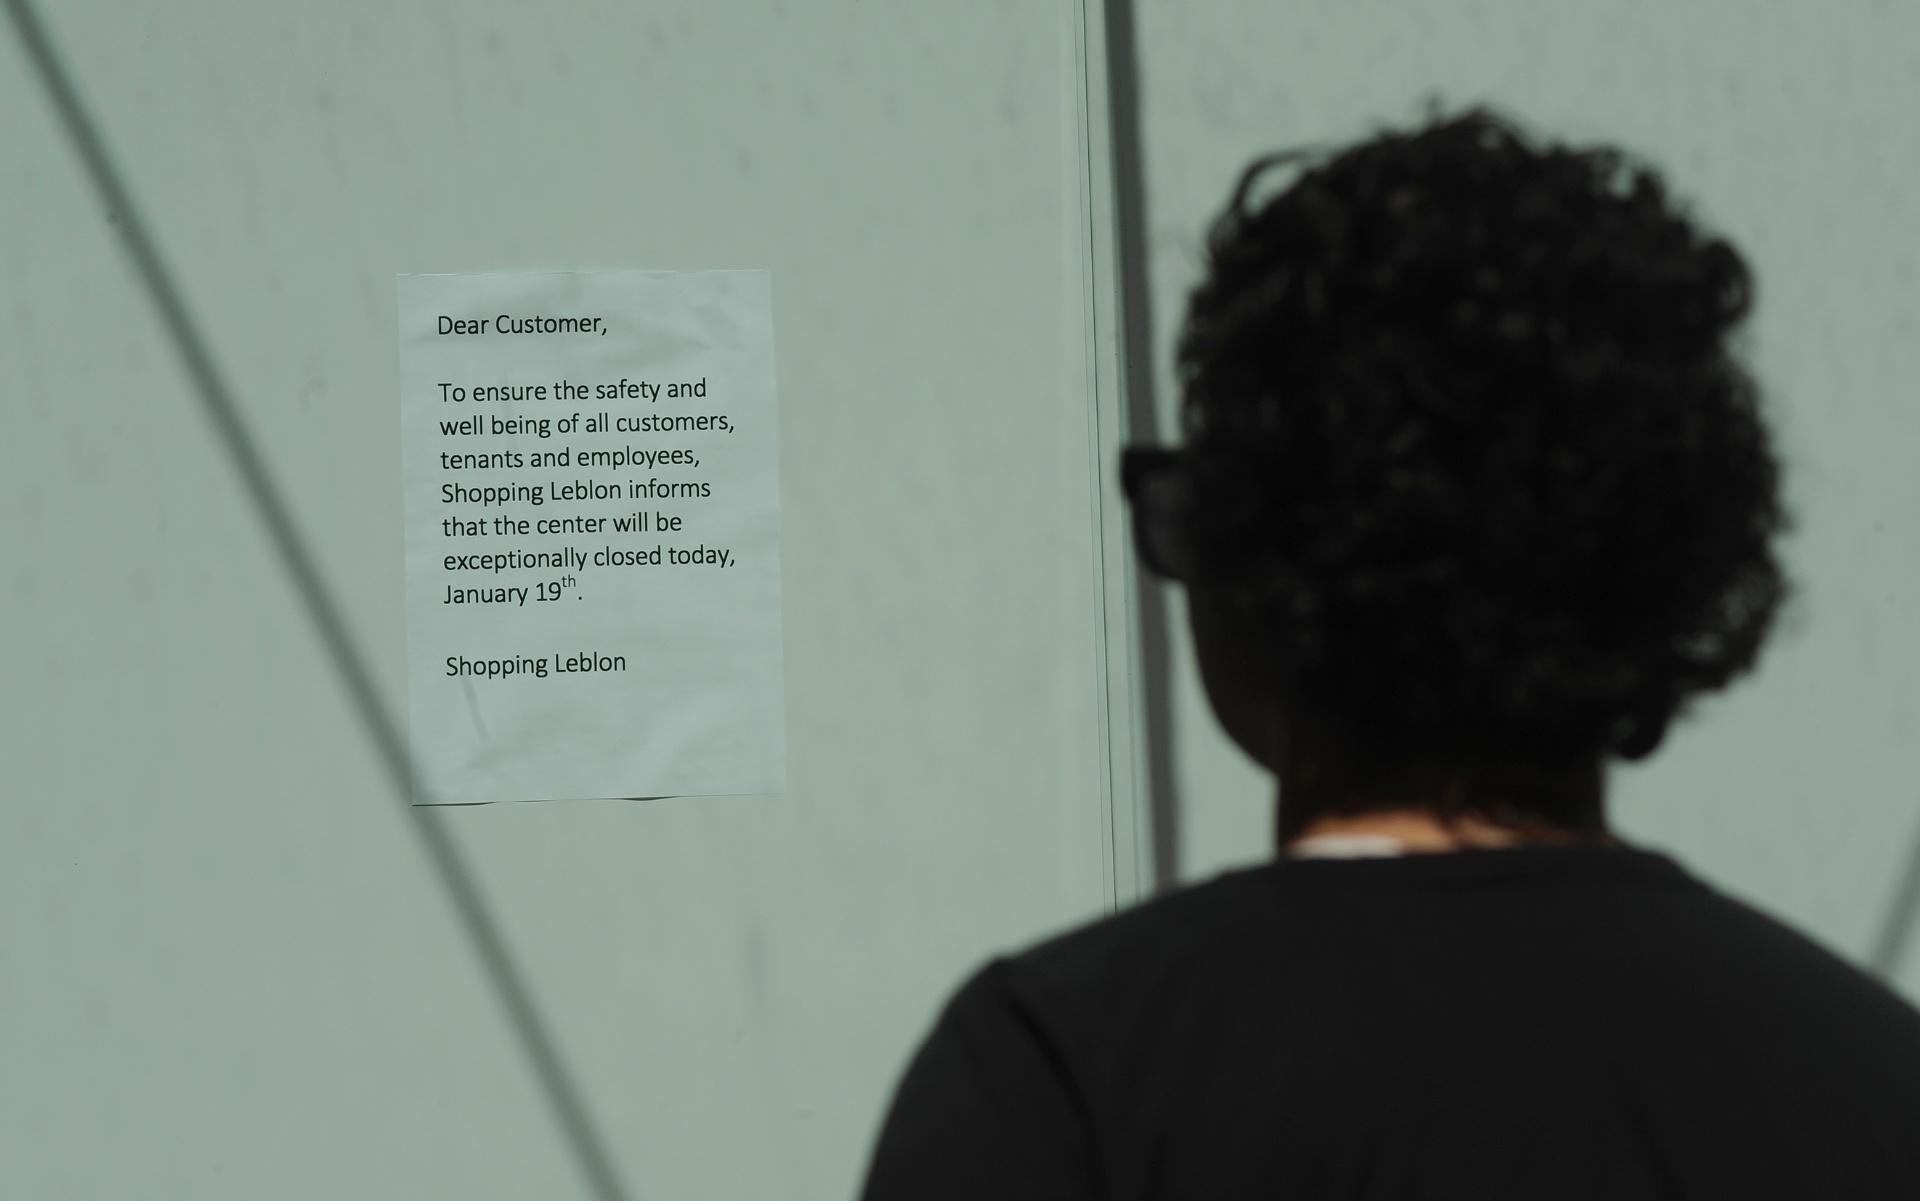 19.jan.2014 - Pessoa lê comunicado preso à fachada do shopping Leblon, na zona sul do Rio de Janeiro, informando que o centro comercial ficará fechado neste domingo (19) para a segurança dos clientes e funcionários. No local, foi marcado um